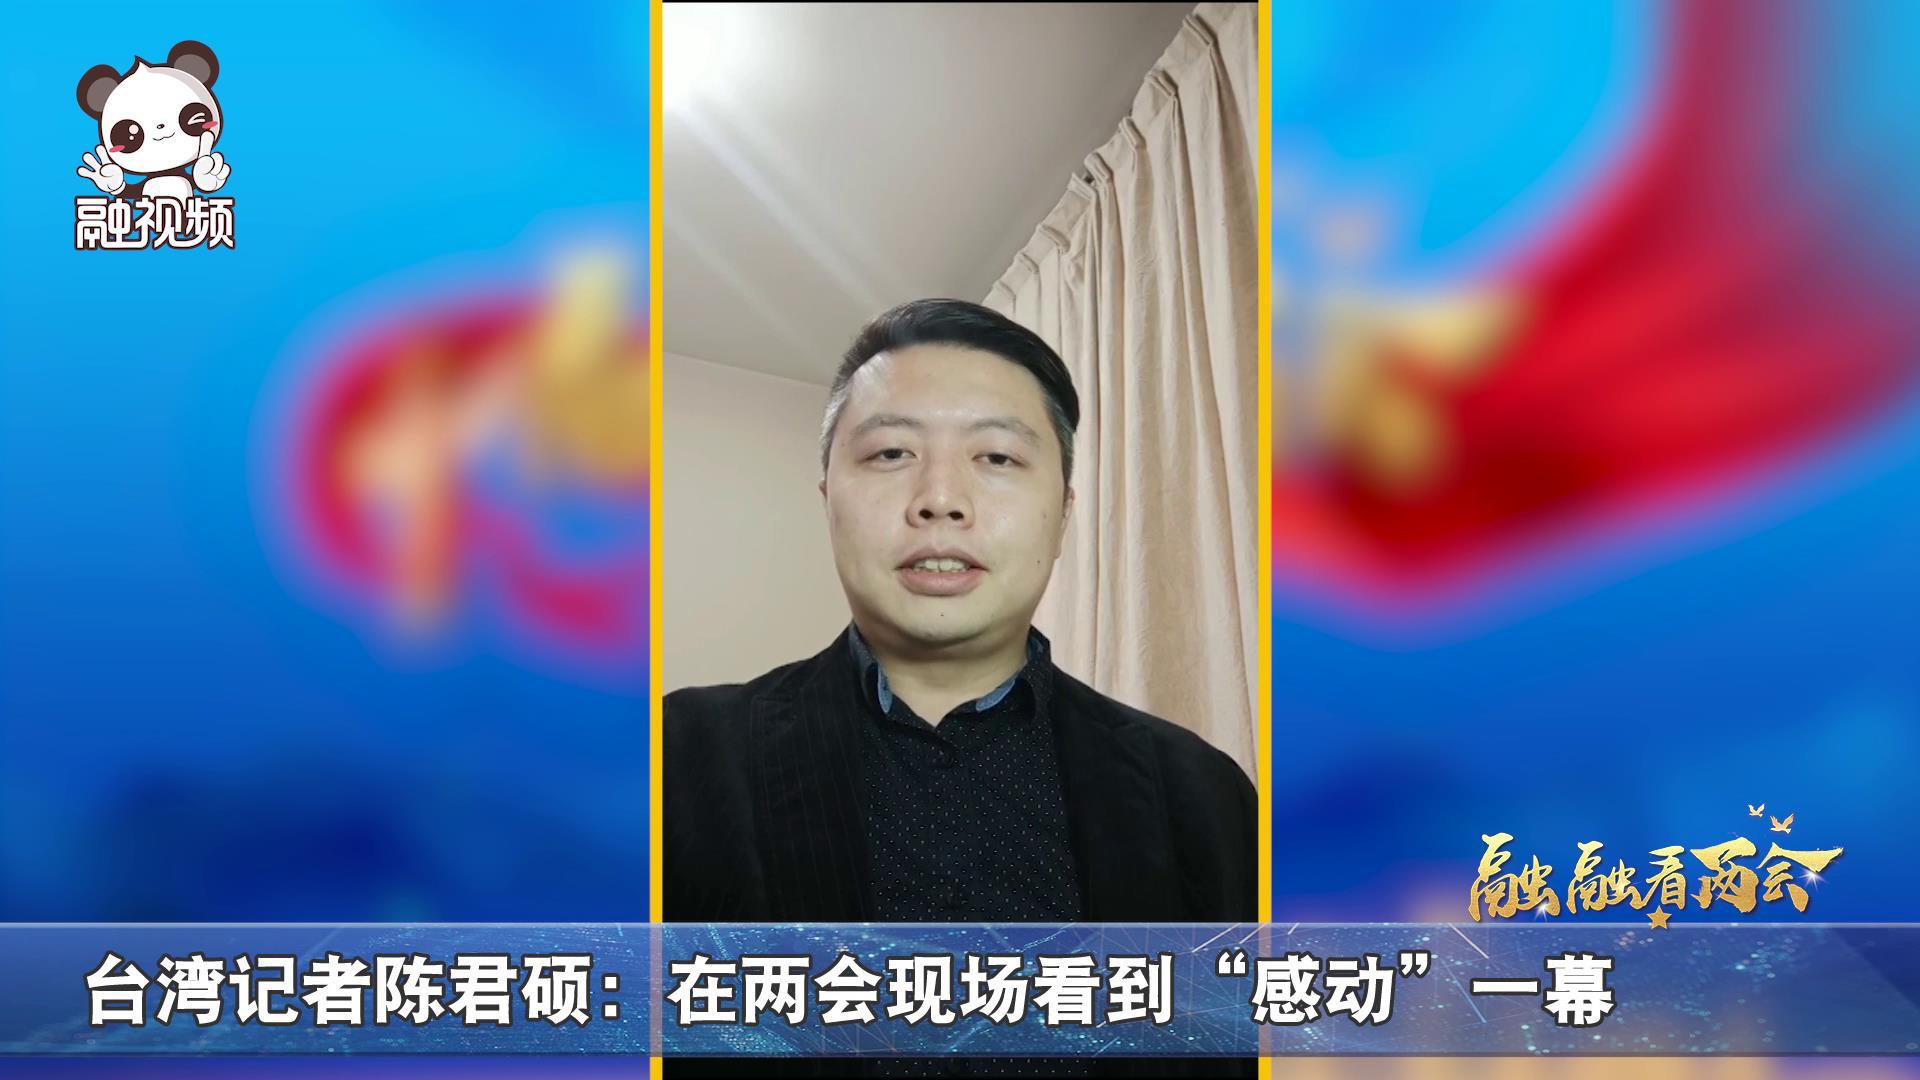 """【融融看两会】台湾记者陈君硕:在两会现场看到""""感动""""一幕图片"""